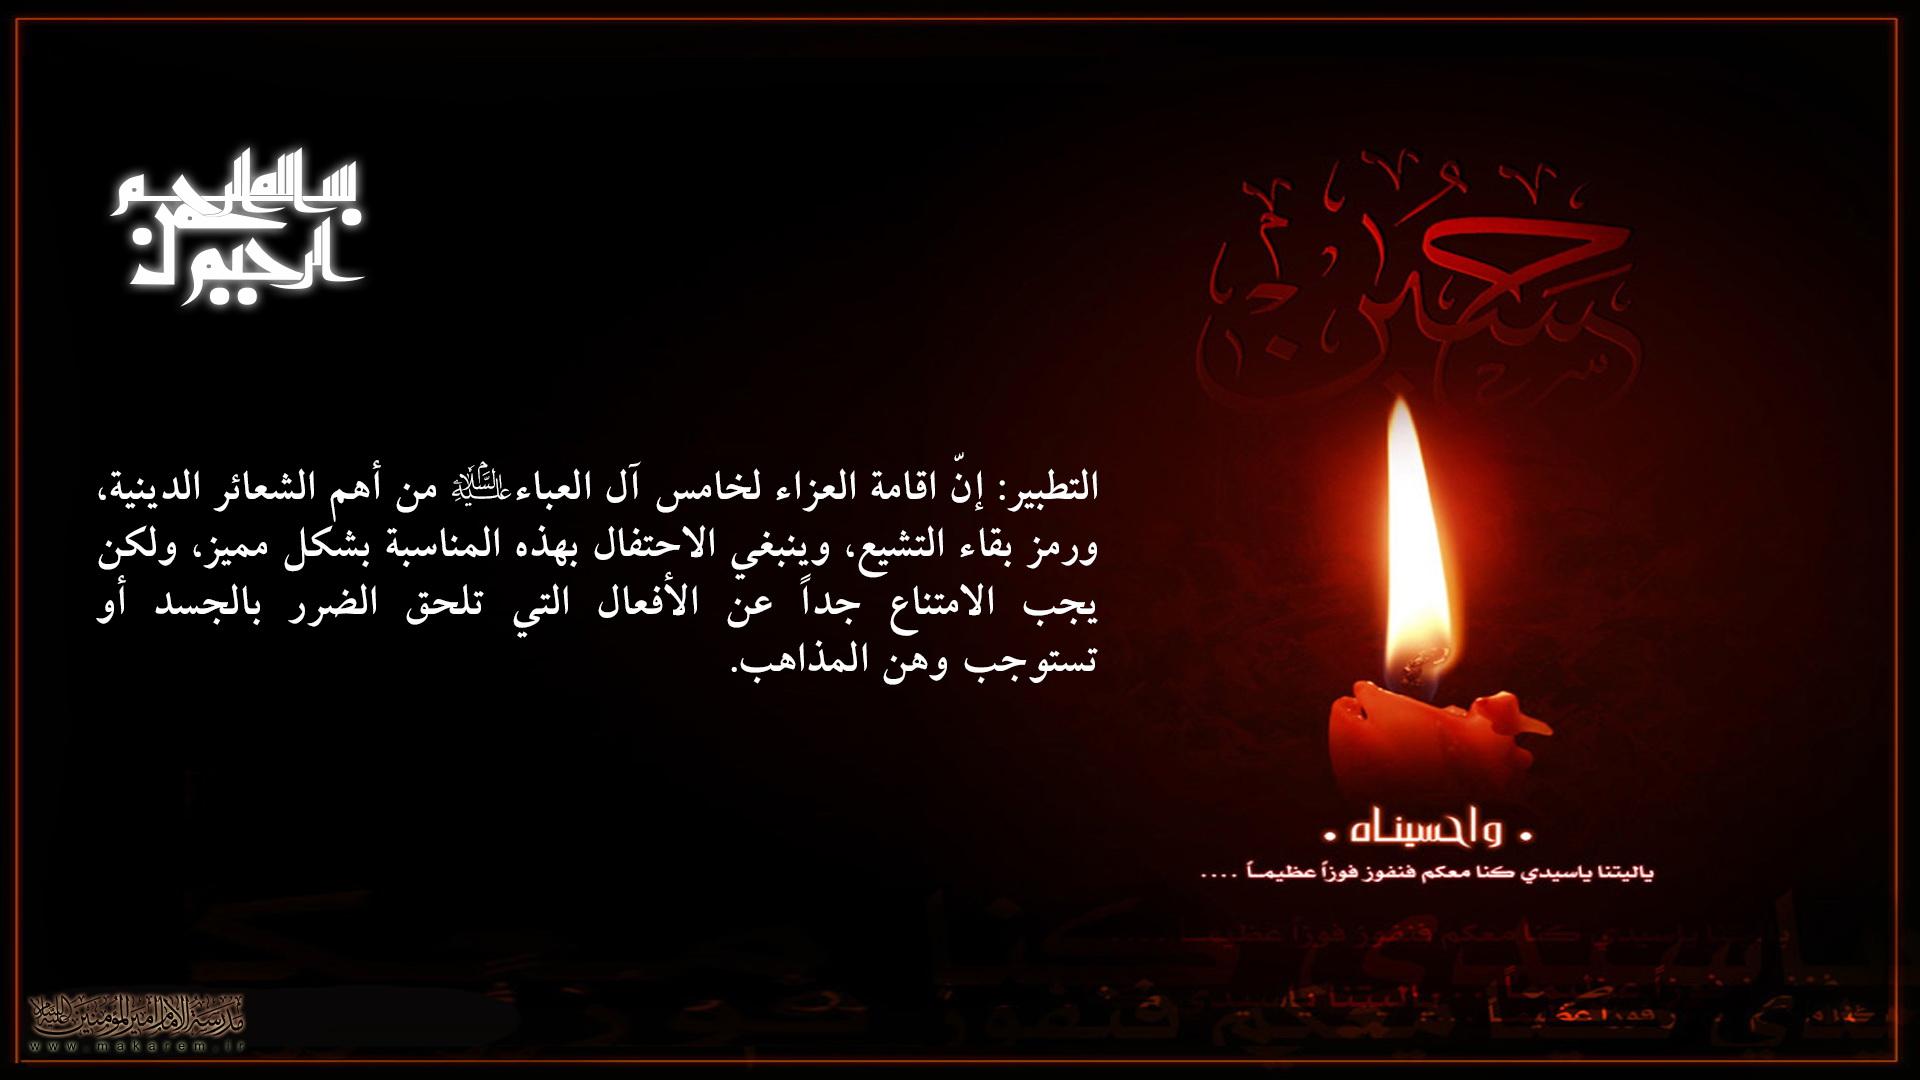 یاحسین-مدرسه الامام امیر المومنین (ع)